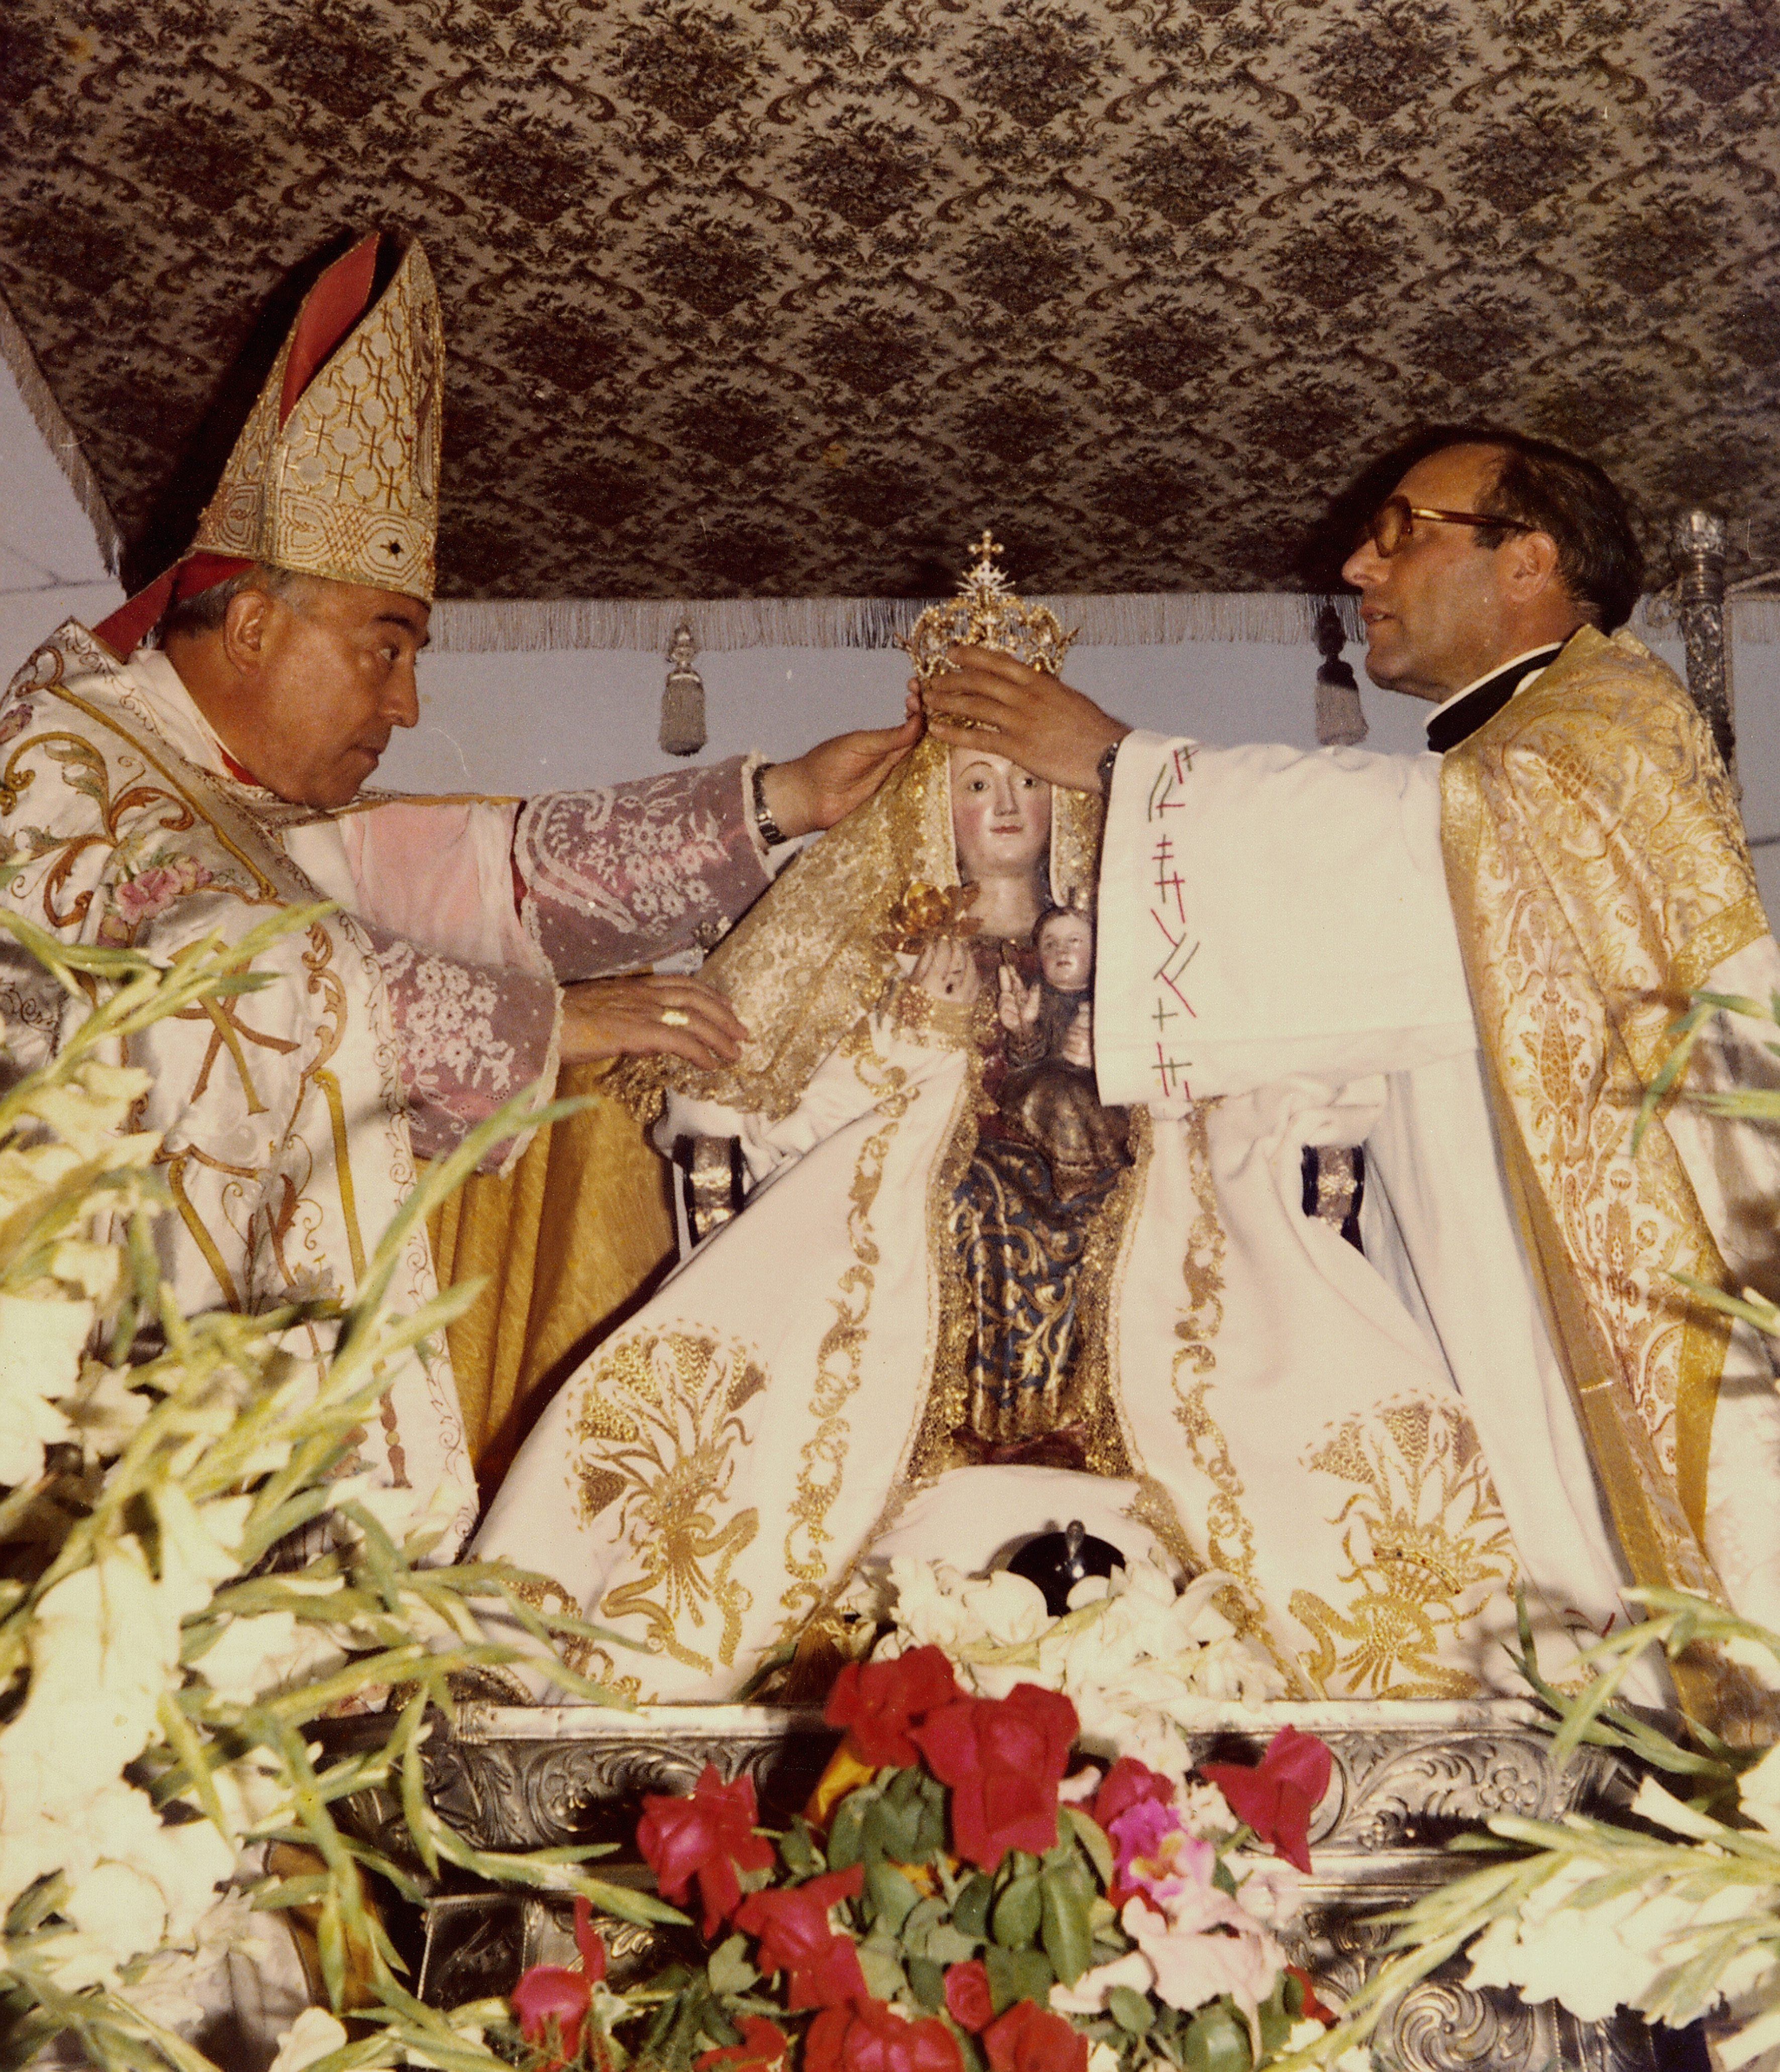 Envía tu propuesta para conmemorar el cincuenta aniversario de la coronación de la Virgen de Valme